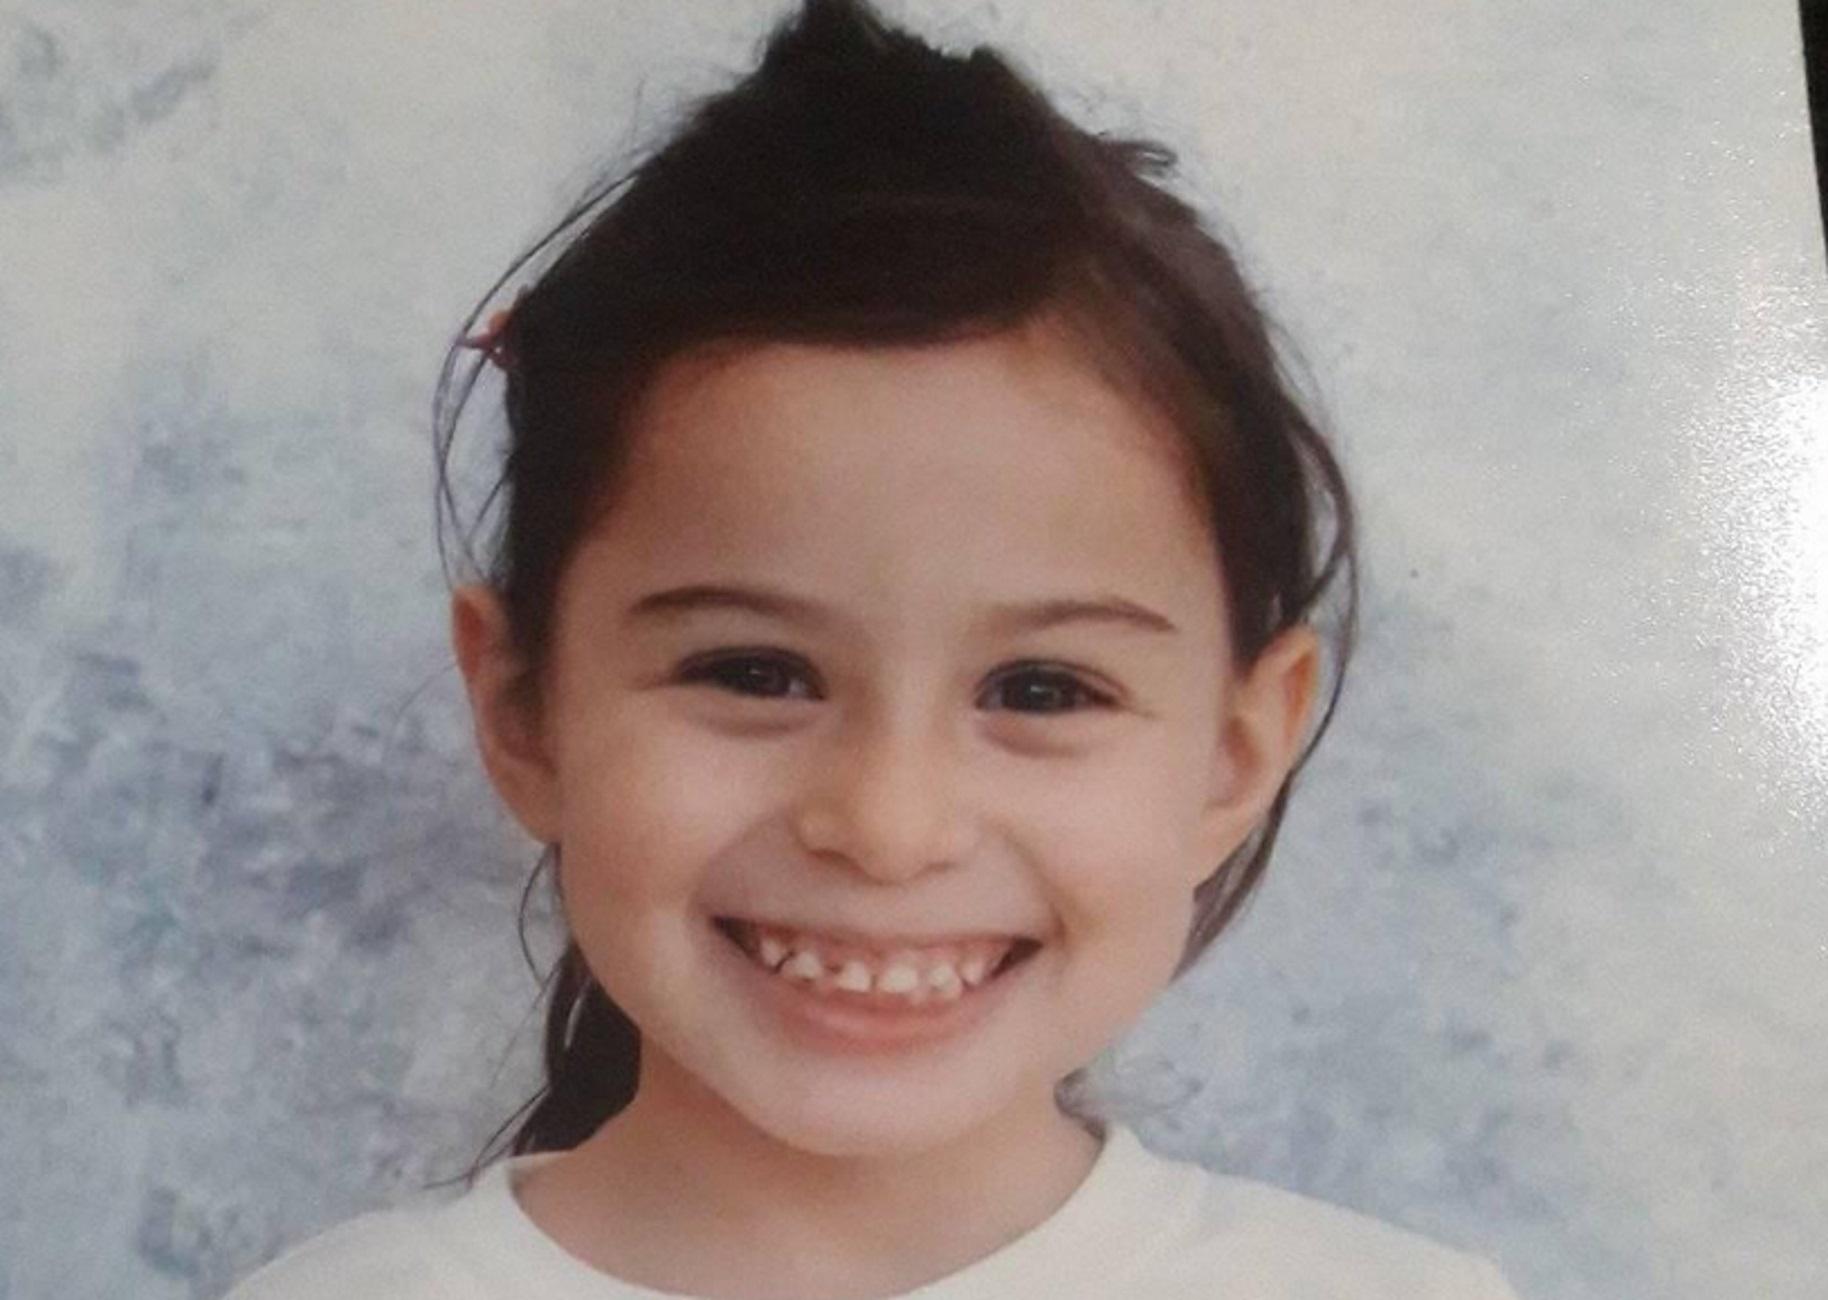 Ηλεία – Λεχαινά: Σκοτώθηκε σε φοβερό δυστύχημα η πεντάχρονη Κλαούντια – Το τραγικό παιχνίδι της μοίρας